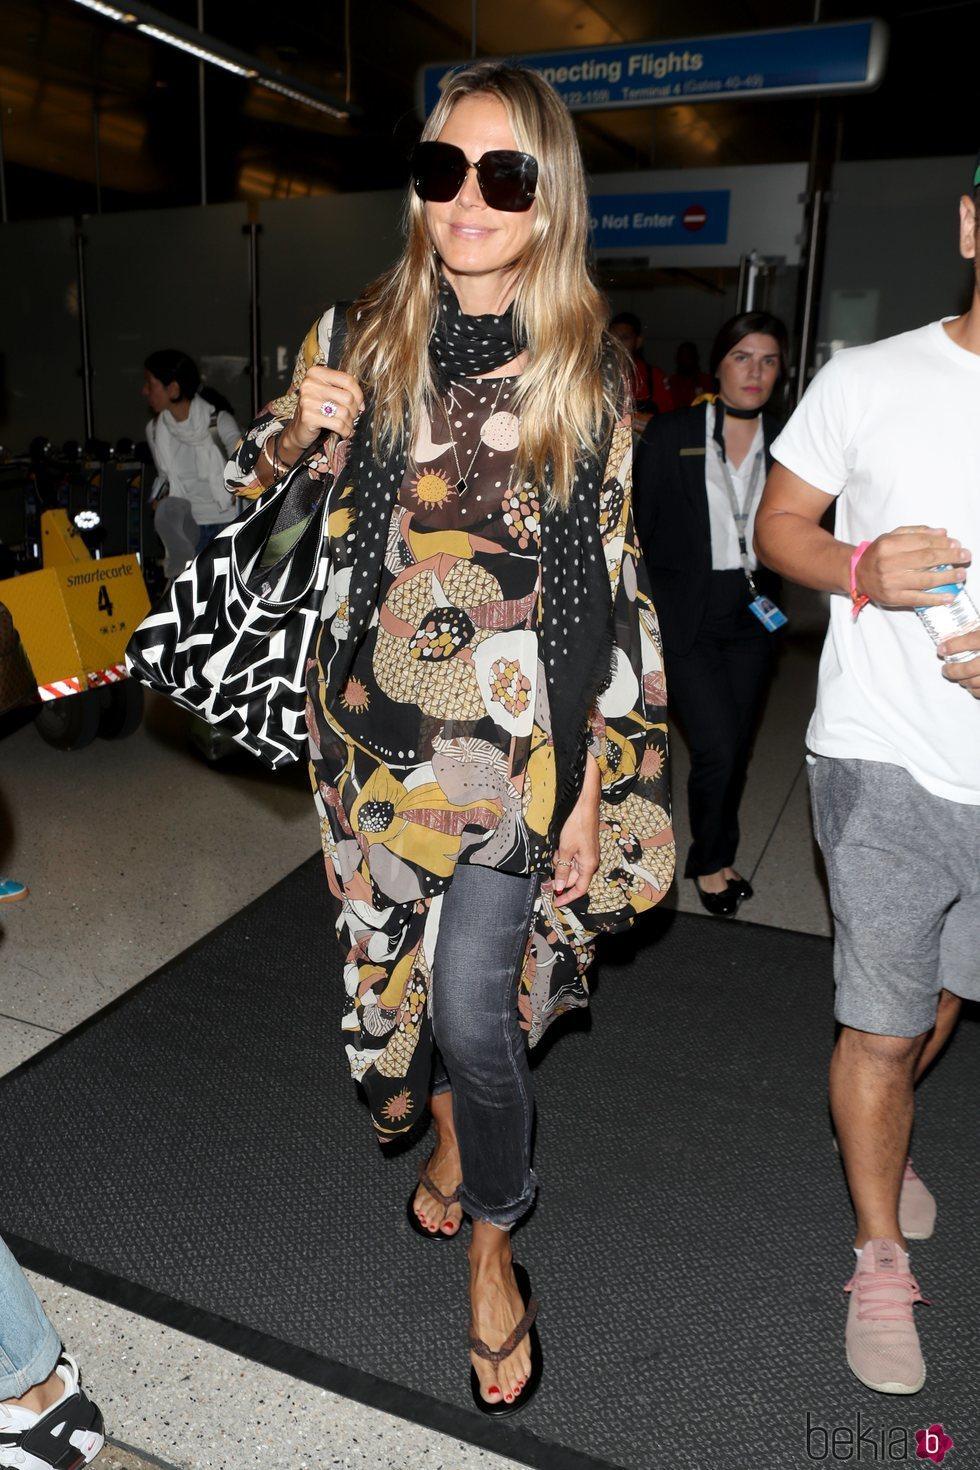 Heidi Klum con una blusa estampada en el aeropuerto de Los Ángeles 2018